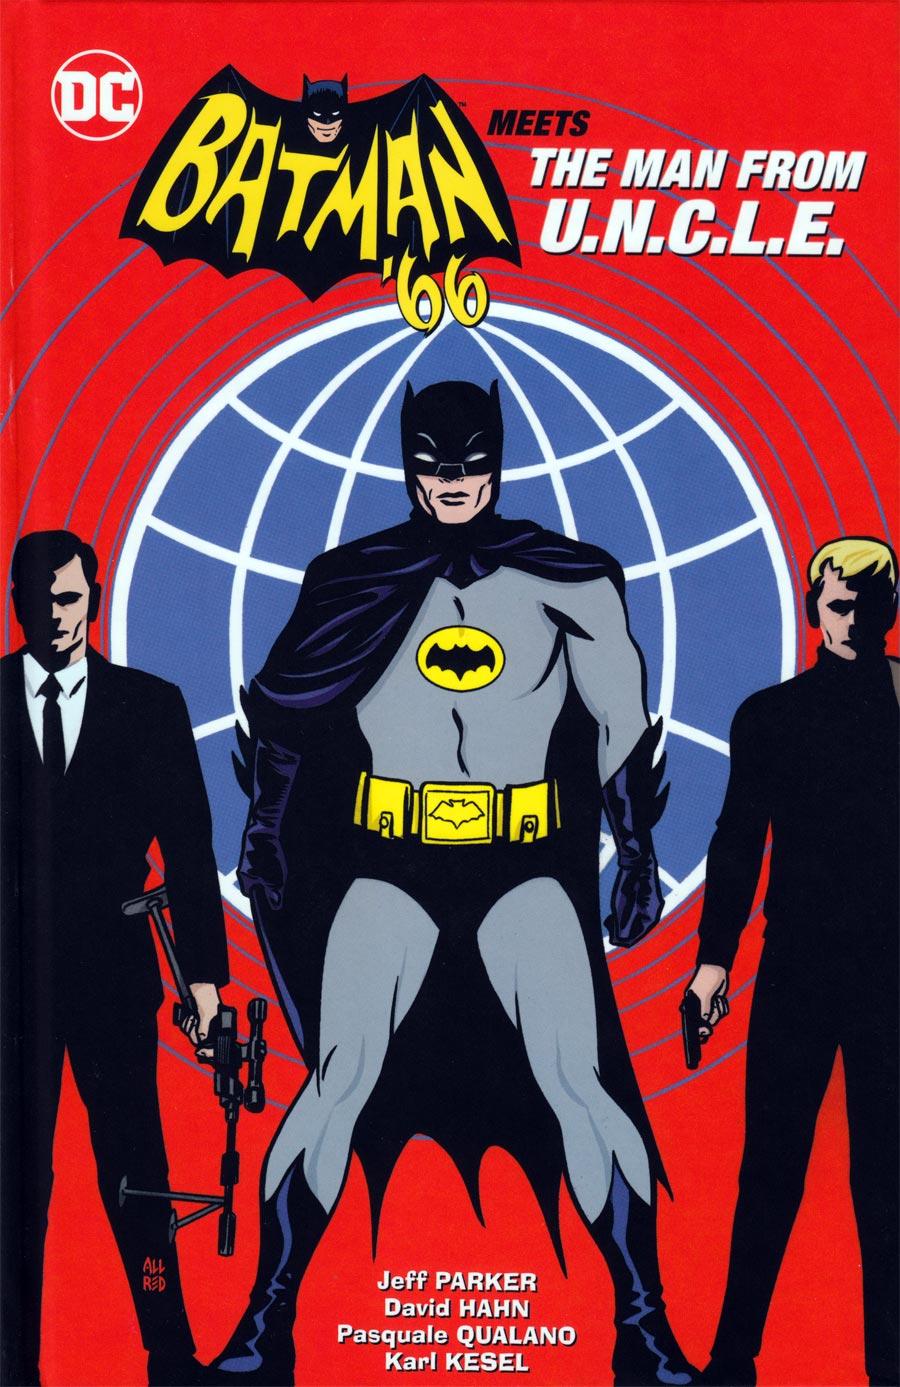 Batman '66 meets the man from U.N.C.L.E. 1 - Batman '66 meets the man from U.N.C.L.E.